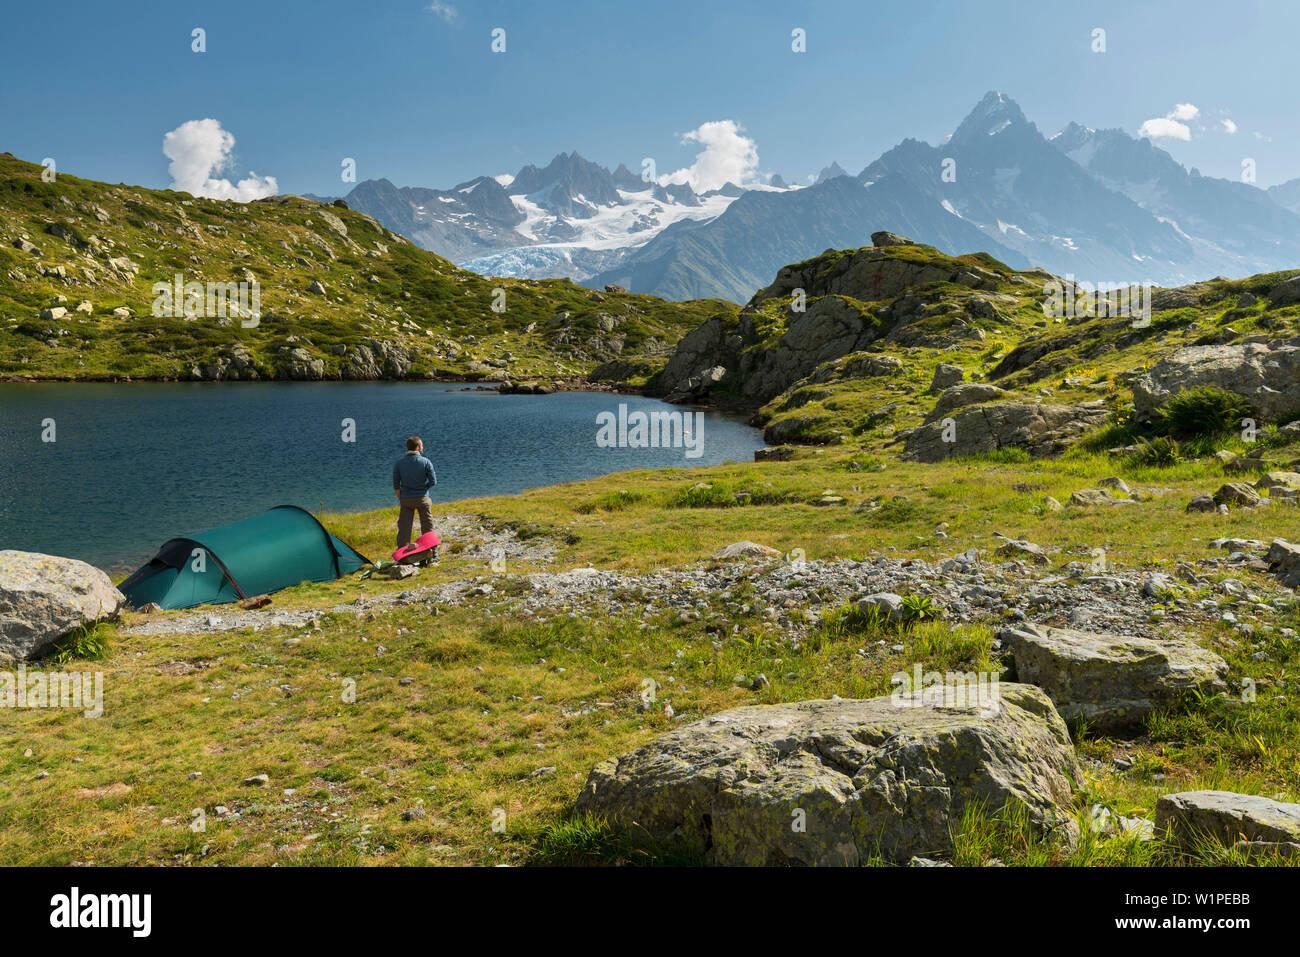 Zelte an den Lacs des Cheserys, Aiguille du Chardonnet, Aiguilles Verte, Haute-Savoie, Frankreich - Stock Image